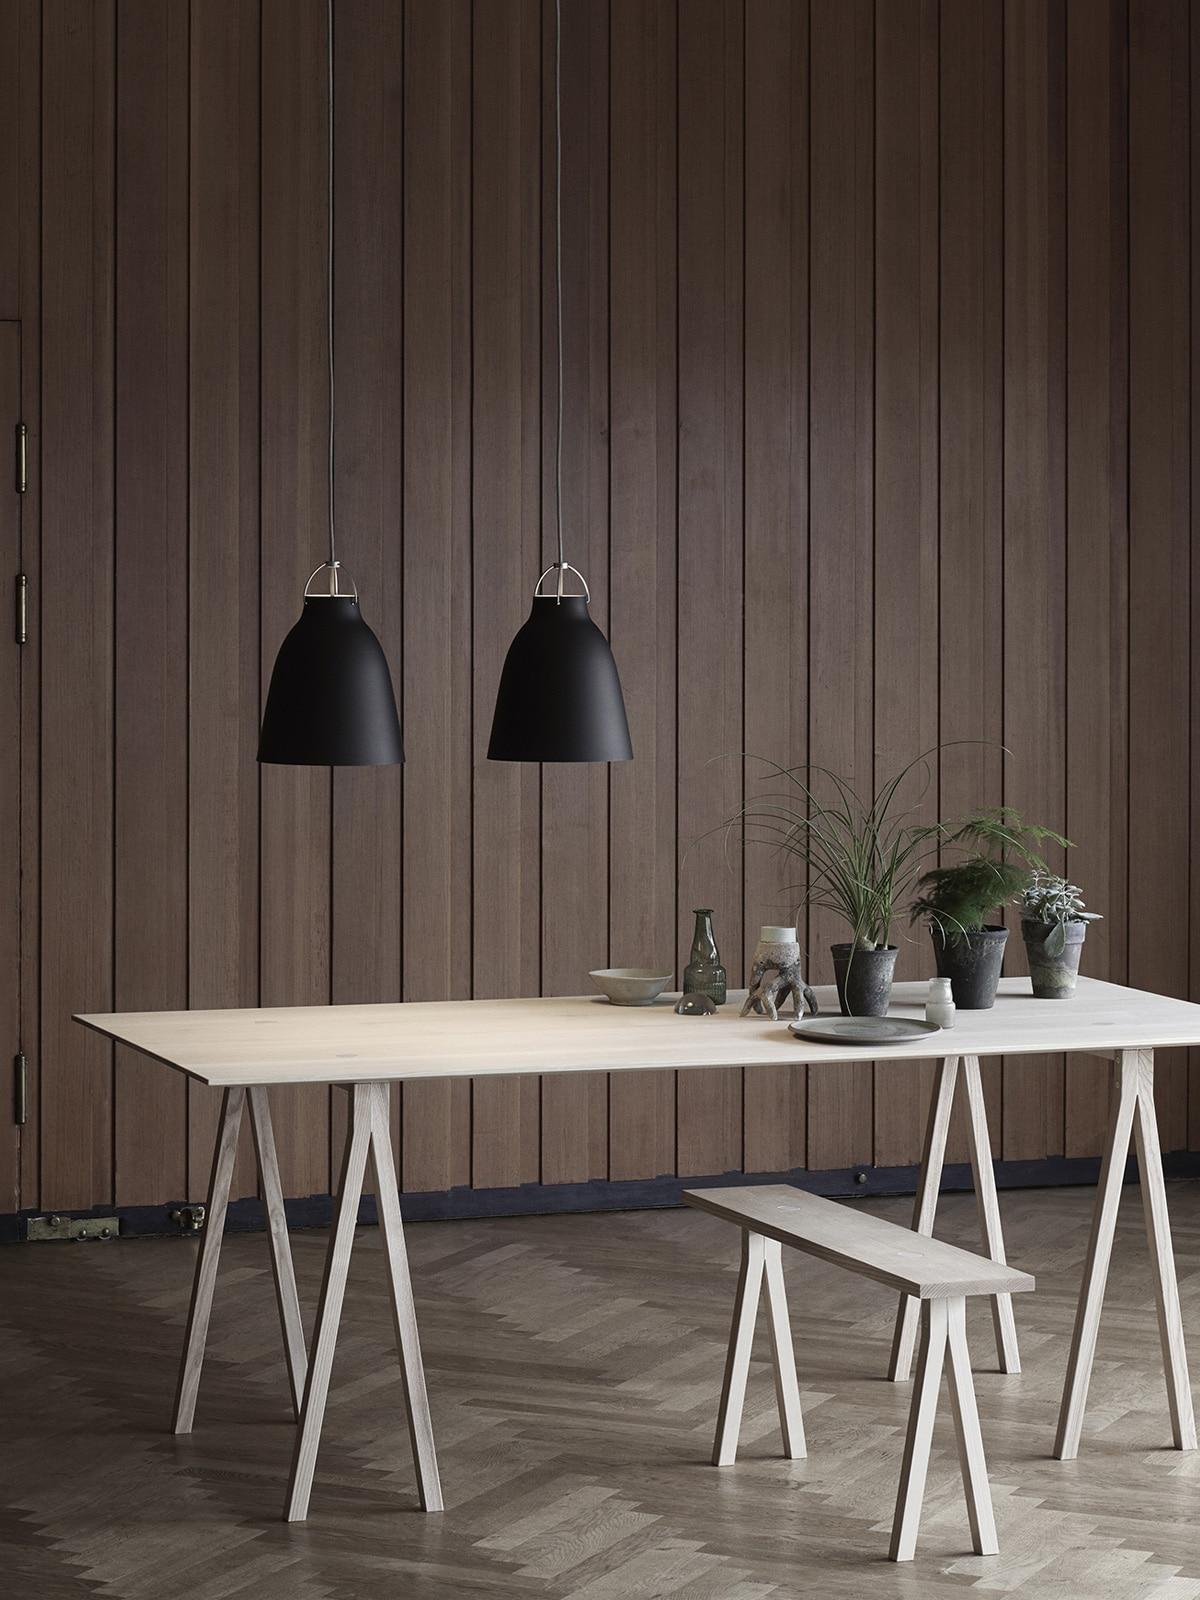 richtige esszimmerbeleuchtung mit pendelleuchten designort blog. Black Bedroom Furniture Sets. Home Design Ideas